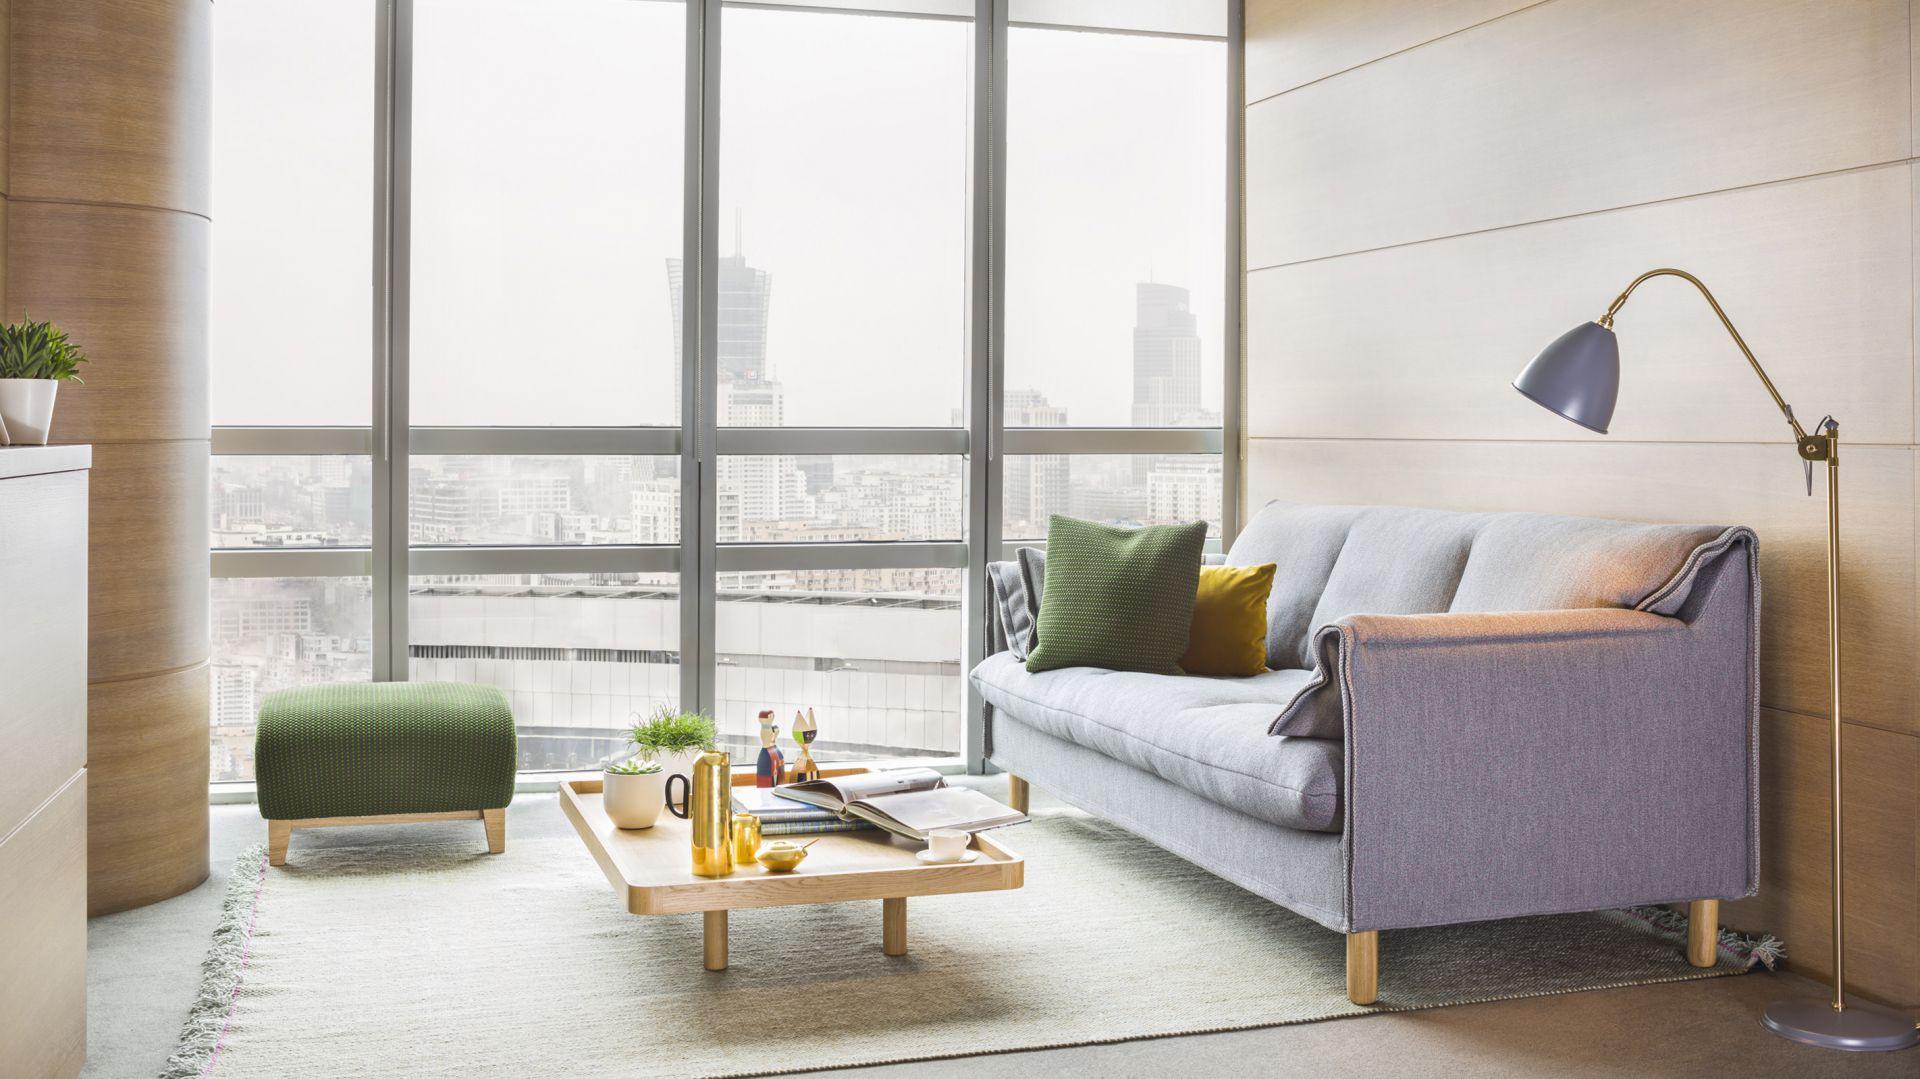 Sofa Boo firmy Comforty. Projekt: Maja Ganszyniec, Krystian Kowalski. Fot. Comforty/Ernest Winczyk